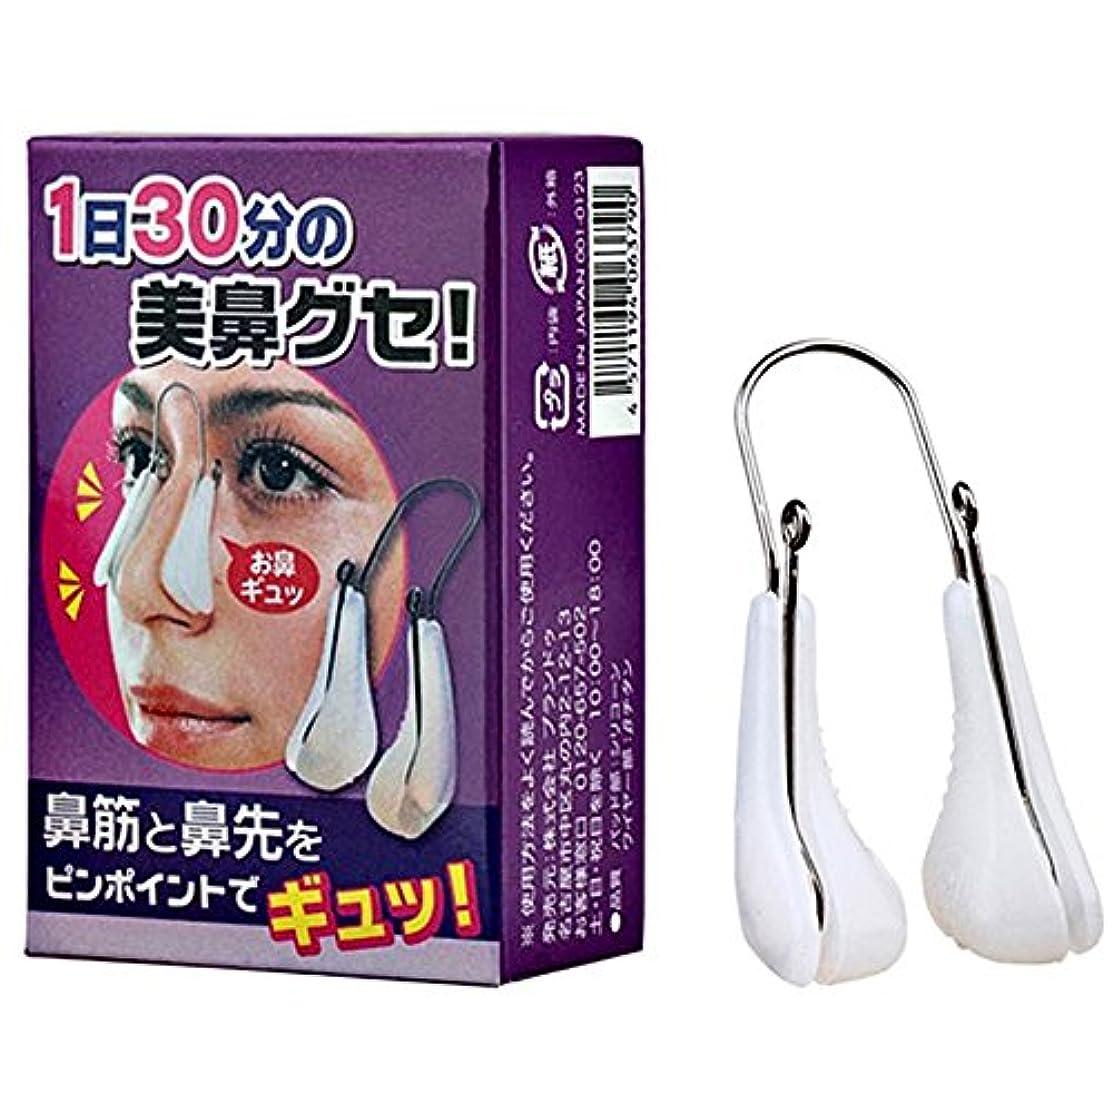 無駄国際名目上の鼻筋ビューティー 鼻クリップ 鼻矯正 鼻美容 1日30分 美鼻ケア